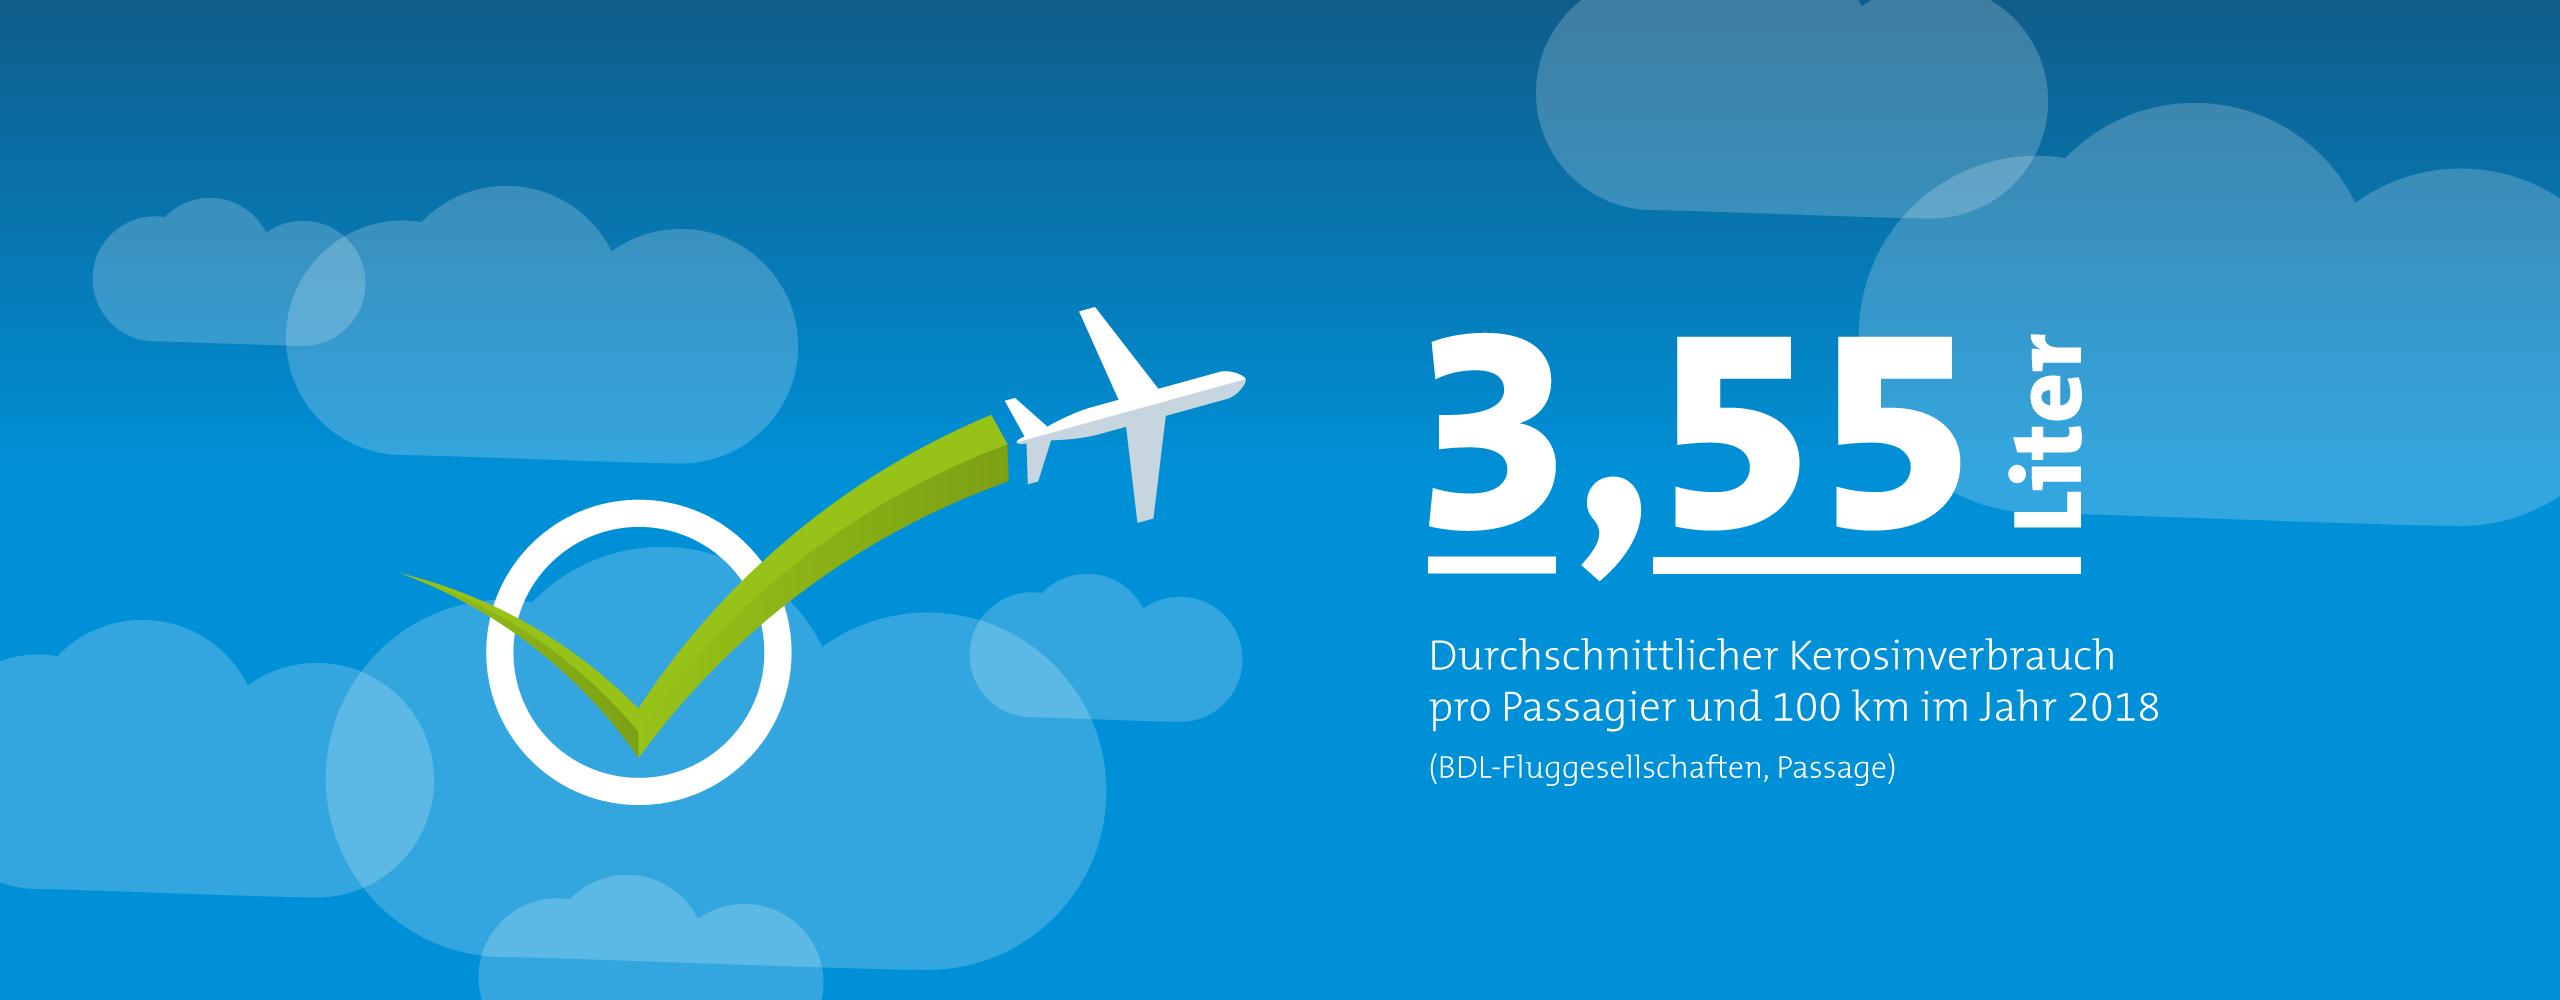 Verbrauch deutscher Fluggesellschaften